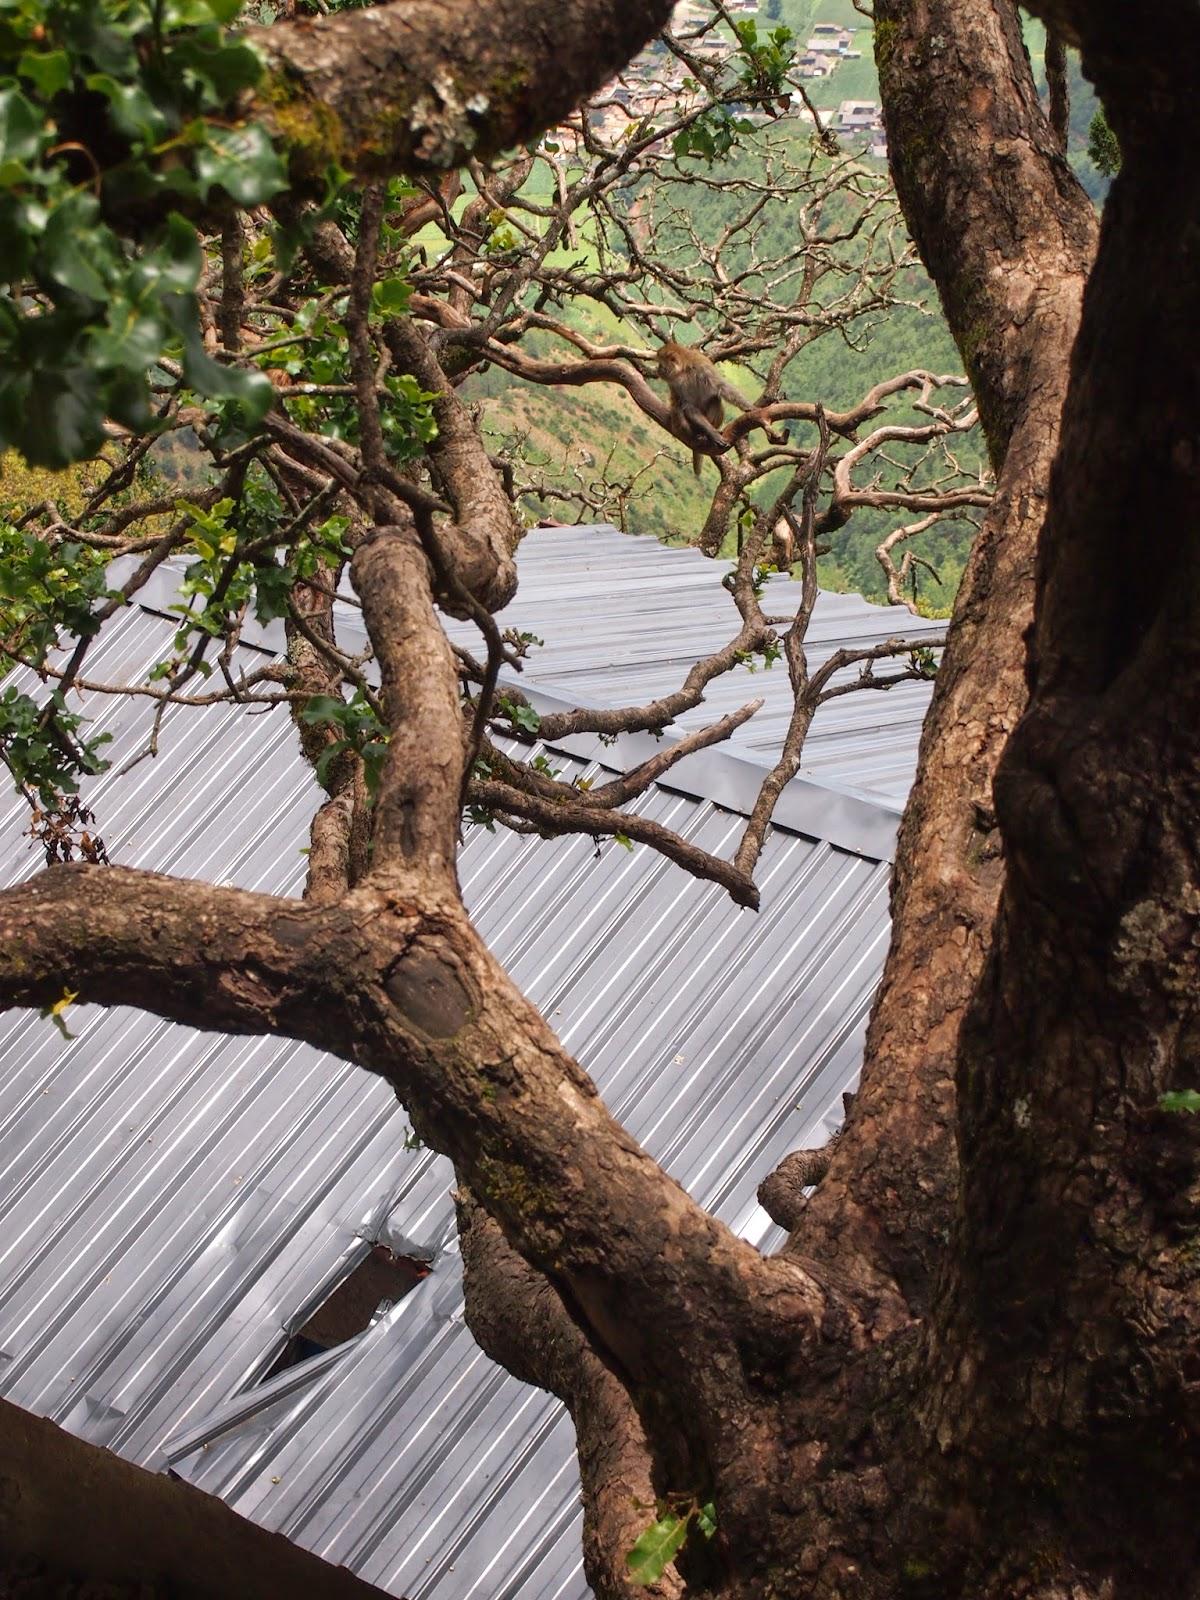 Monkeys in twisted trees